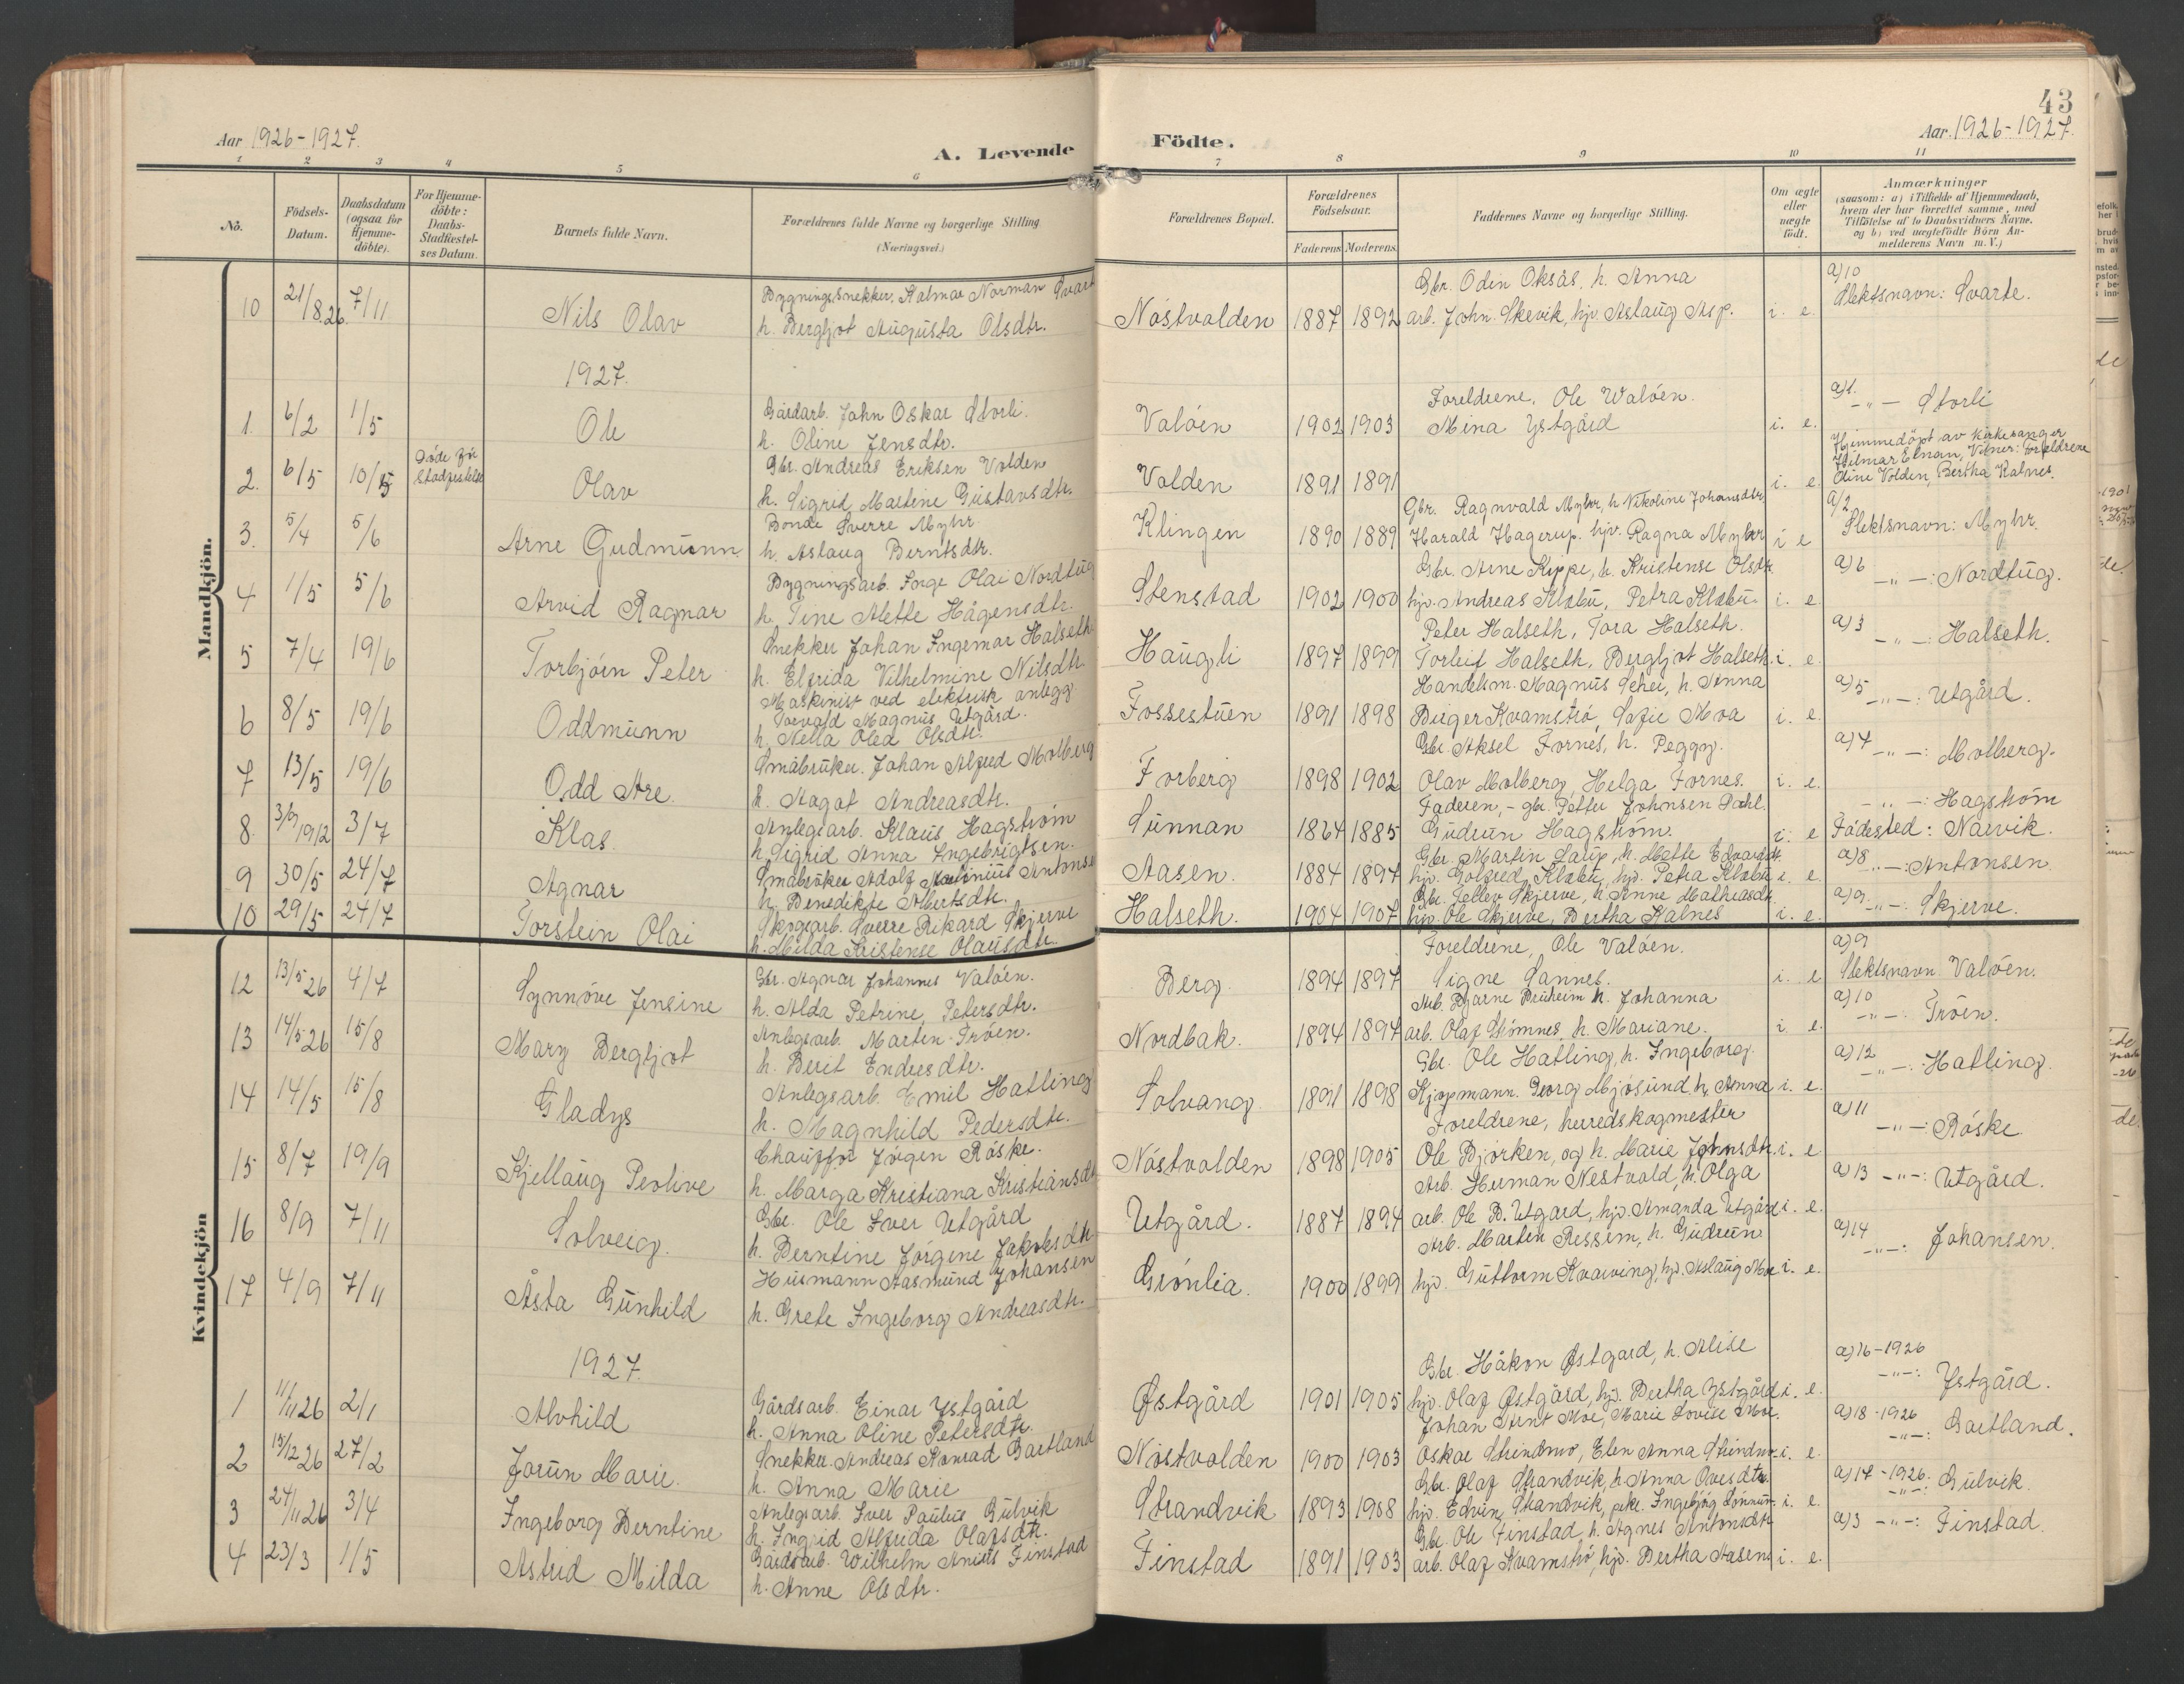 SAT, Ministerialprotokoller, klokkerbøker og fødselsregistre - Nord-Trøndelag, 746/L0455: Klokkerbok nr. 746C01, 1908-1933, s. 43